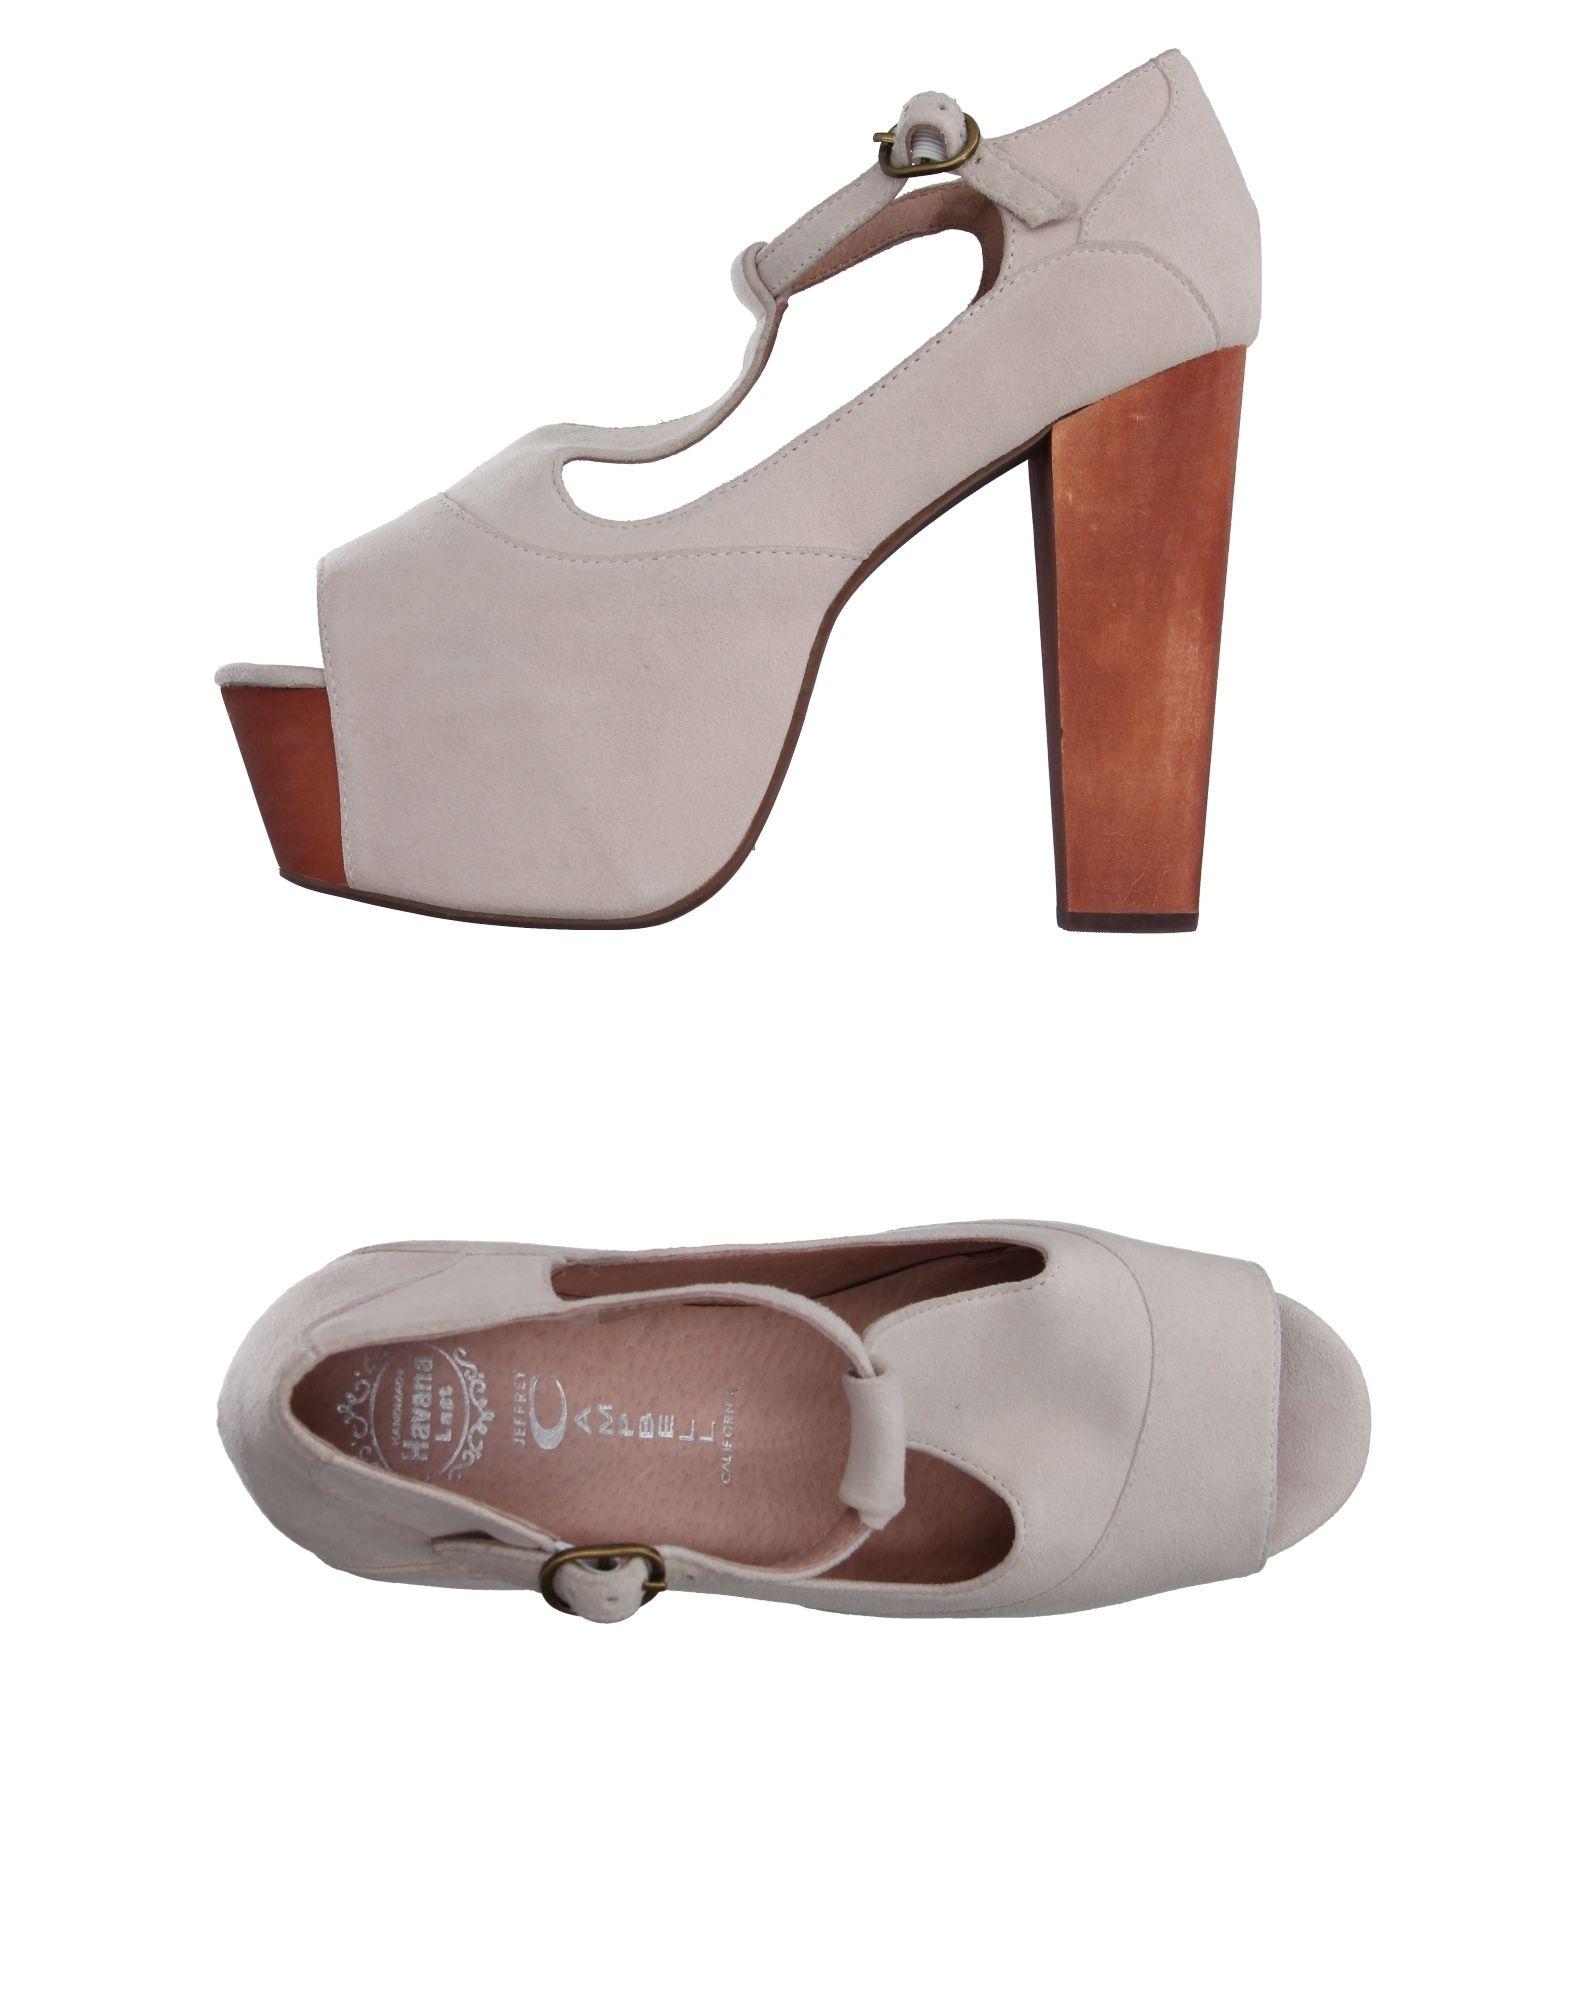 все цены на JEFFREY CAMPBELL Туфли в интернете